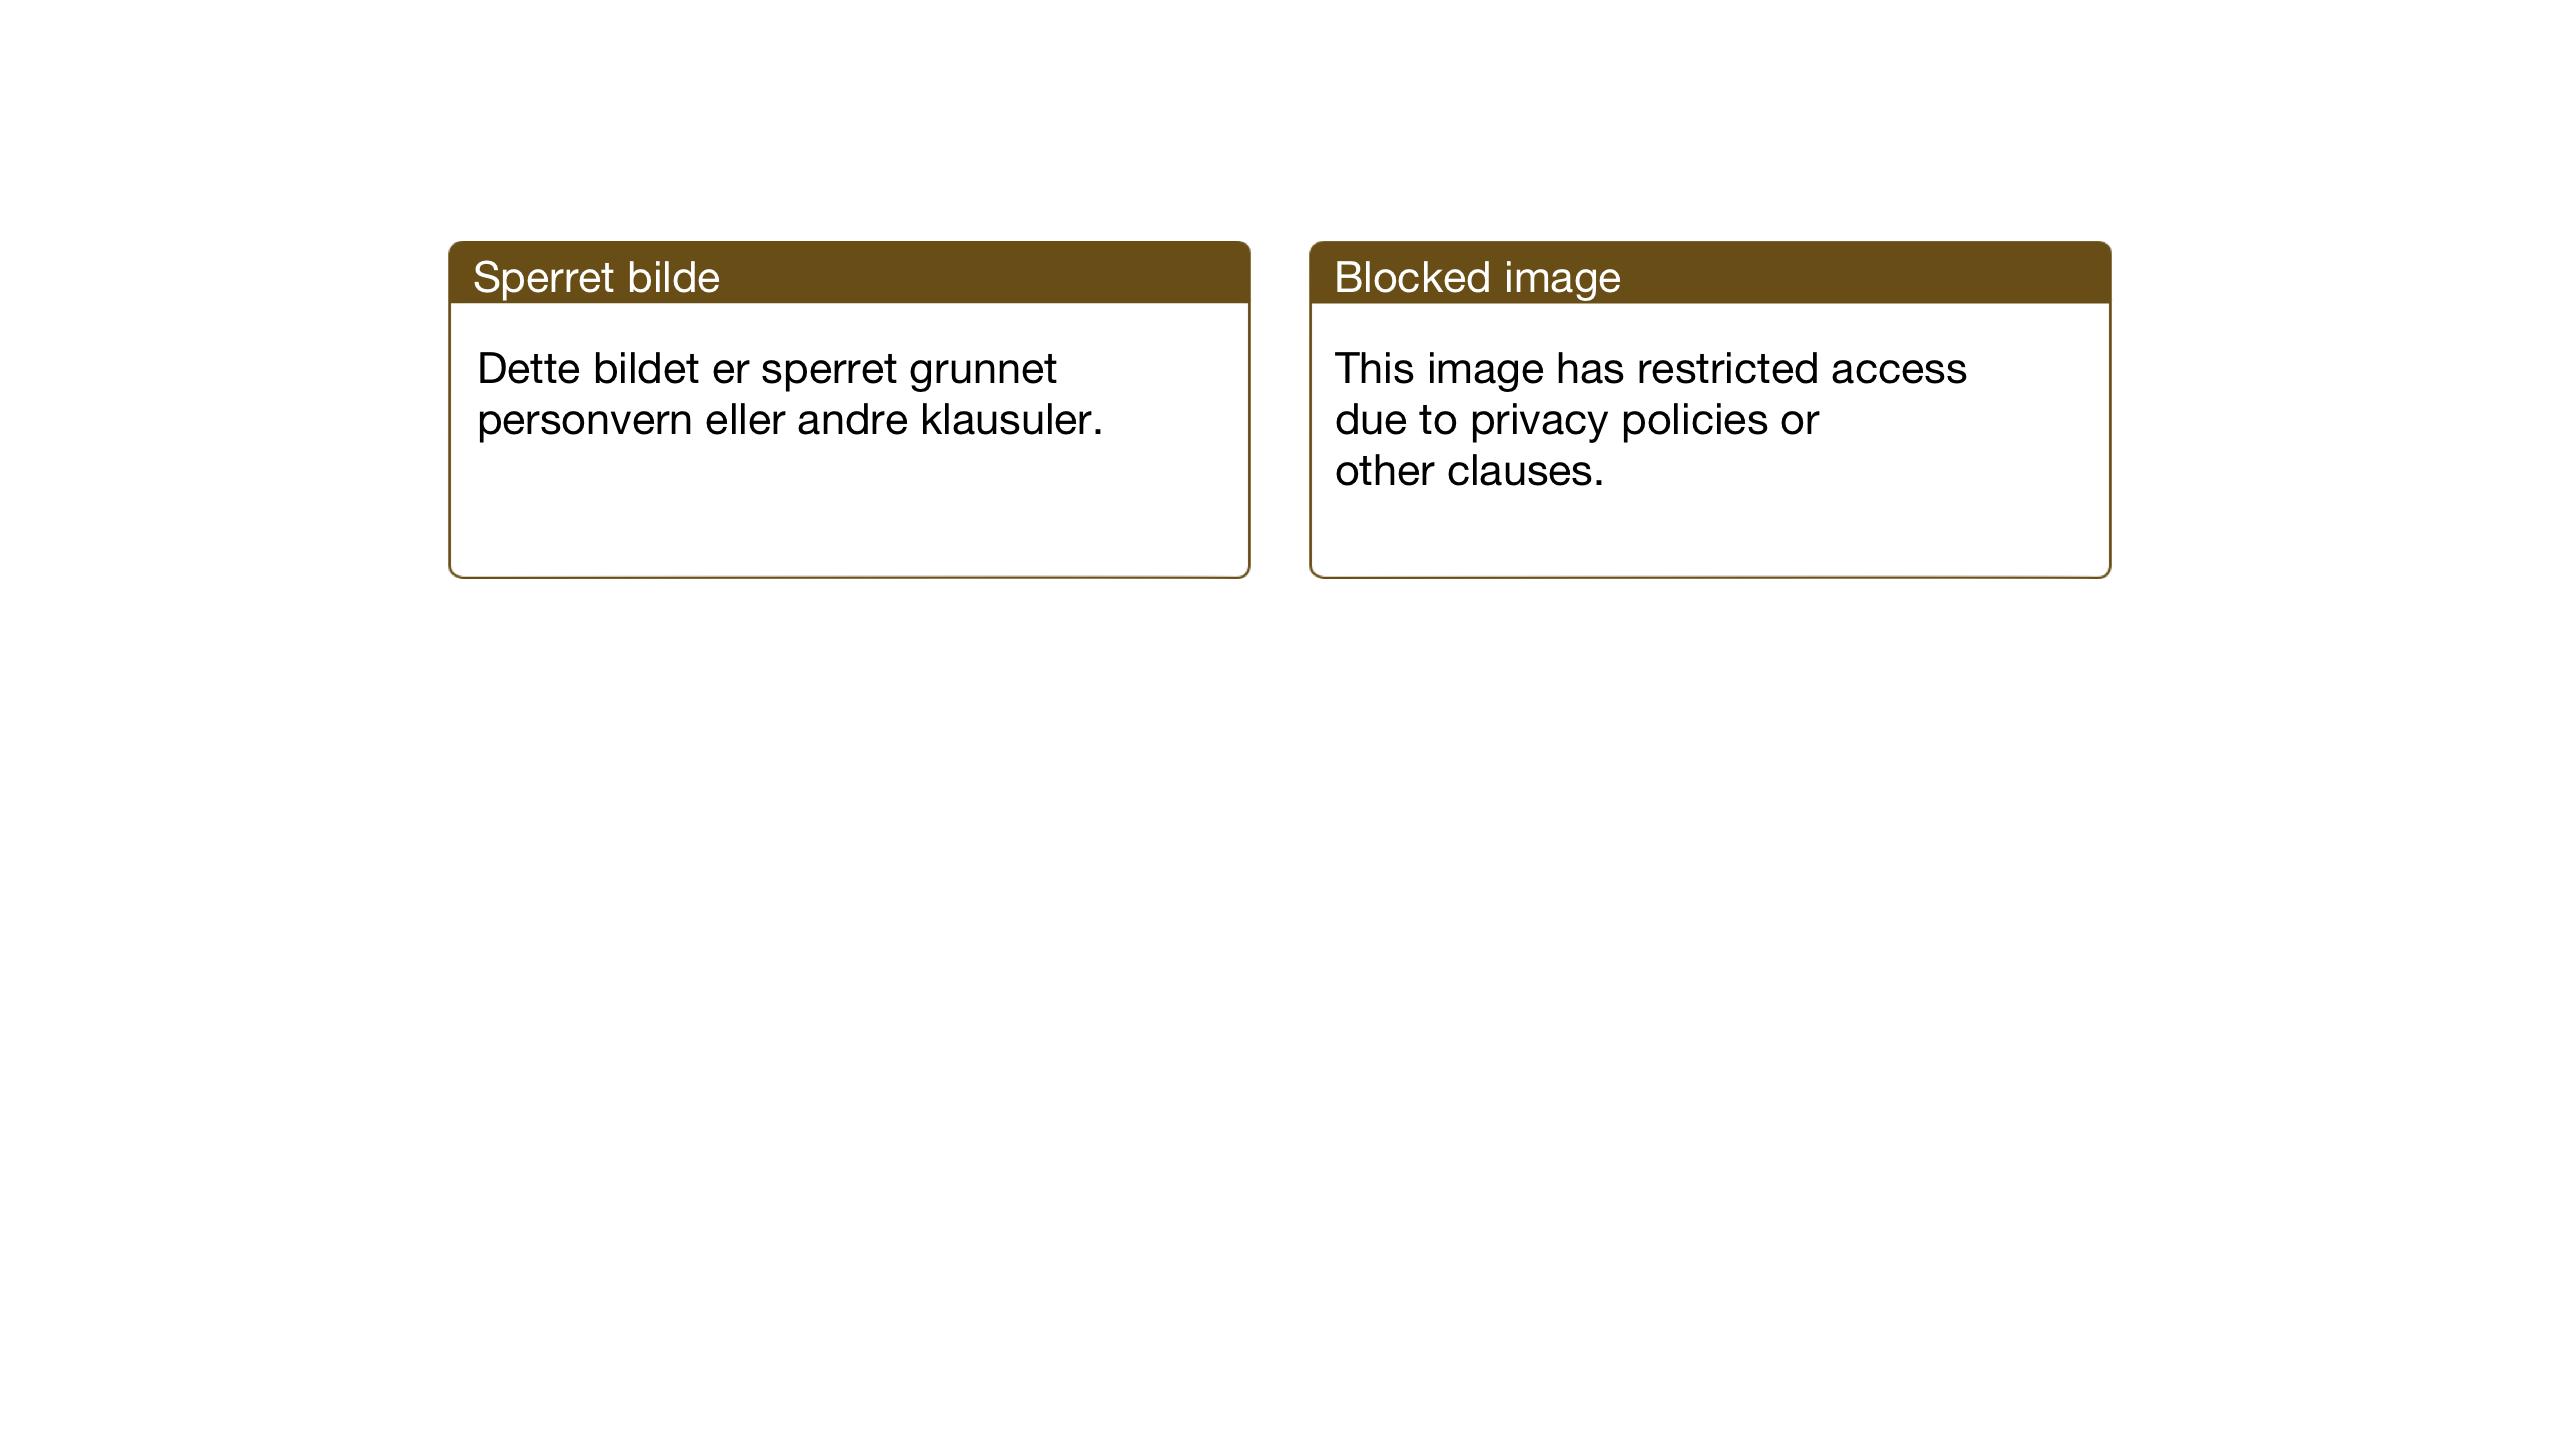 SAT, Ministerialprotokoller, klokkerbøker og fødselsregistre - Nord-Trøndelag, 748/L0465: Klokkerbok nr. 748C01, 1908-1960, s. 29